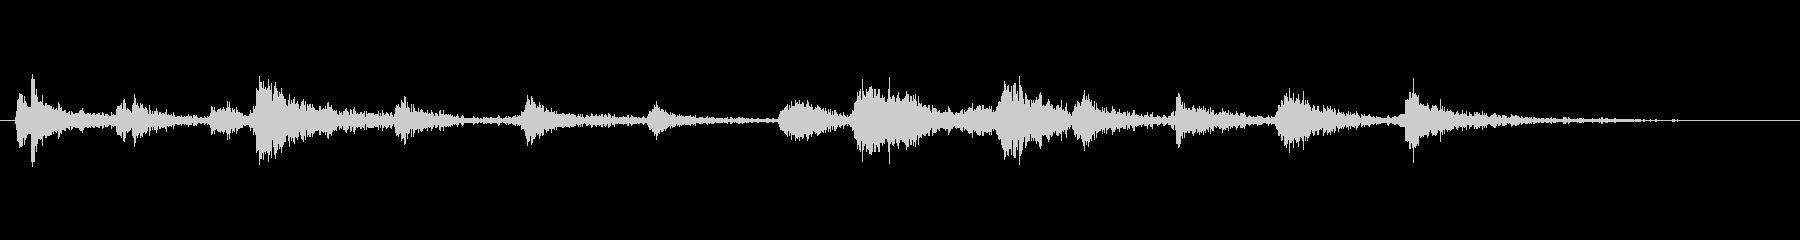 メタル タンククリークシーケンス01の未再生の波形